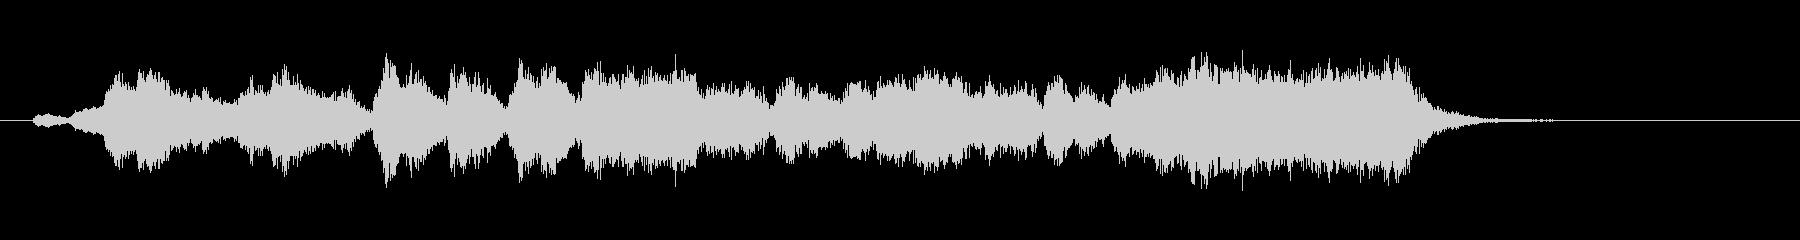 金・打楽器による華やかなファンファーレの未再生の波形